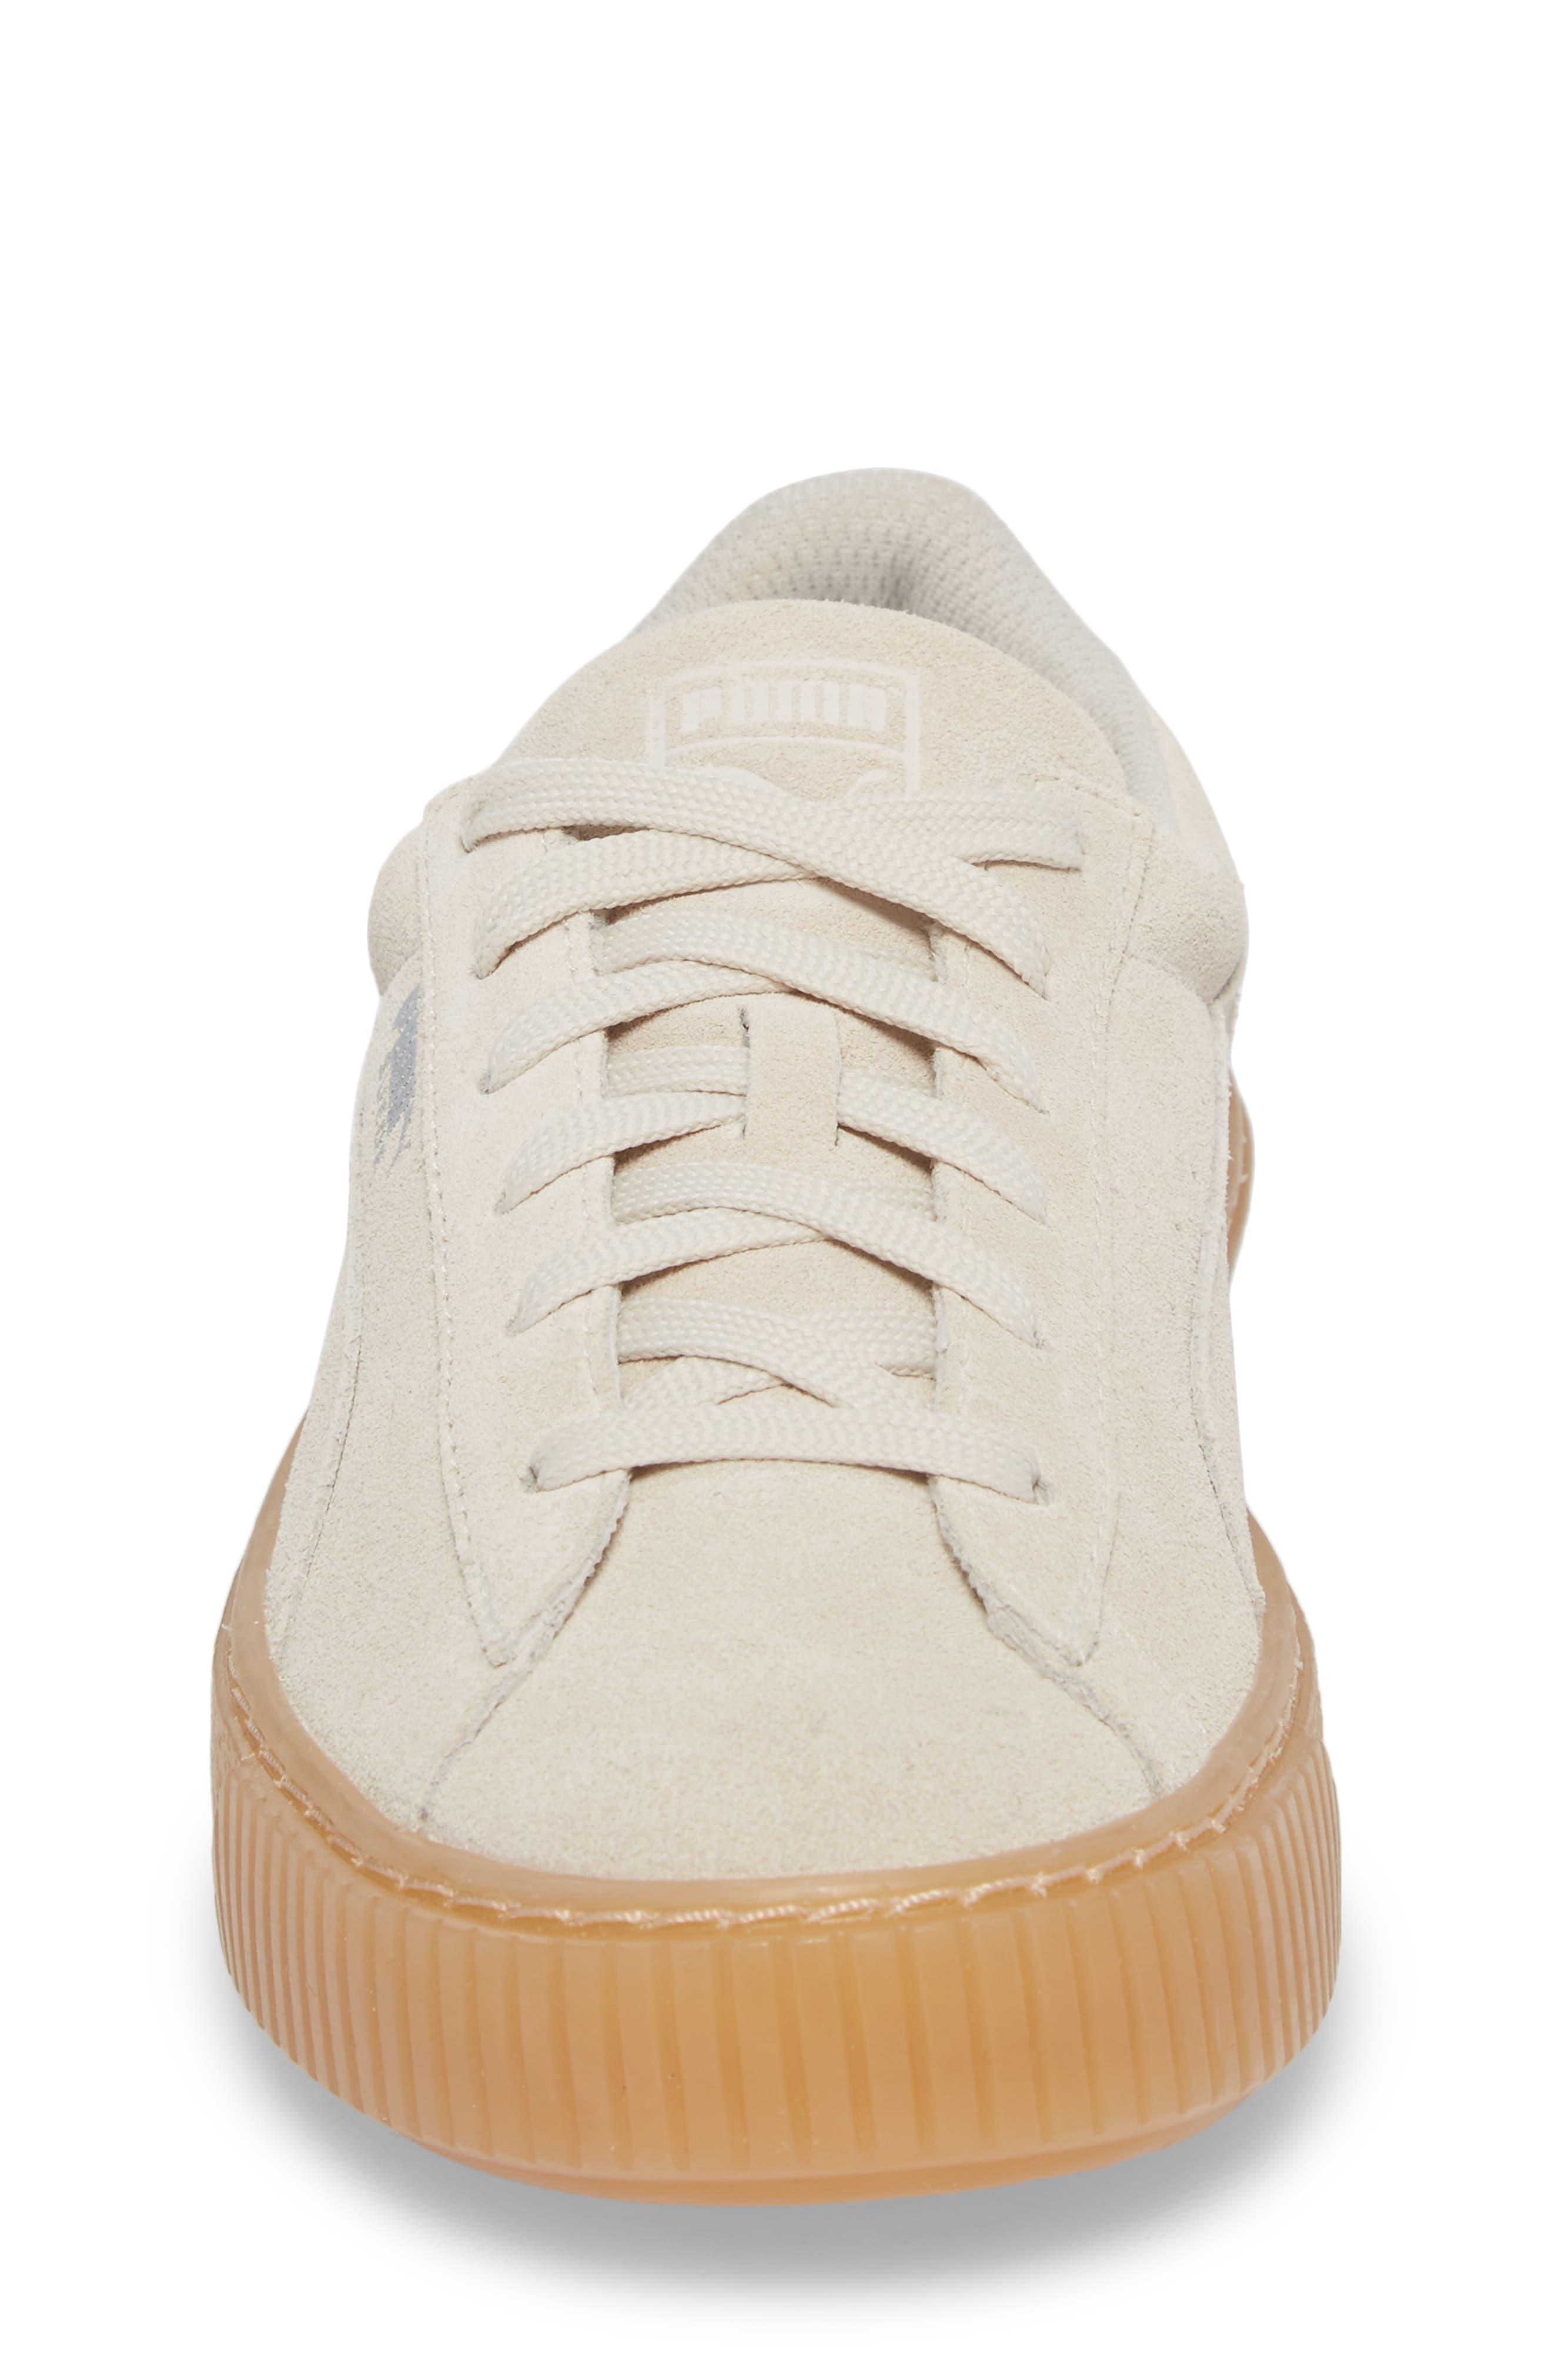 Jewel Suede Platform Sneaker,                             Alternate thumbnail 4, color,                             Whisper White/ Whisper White